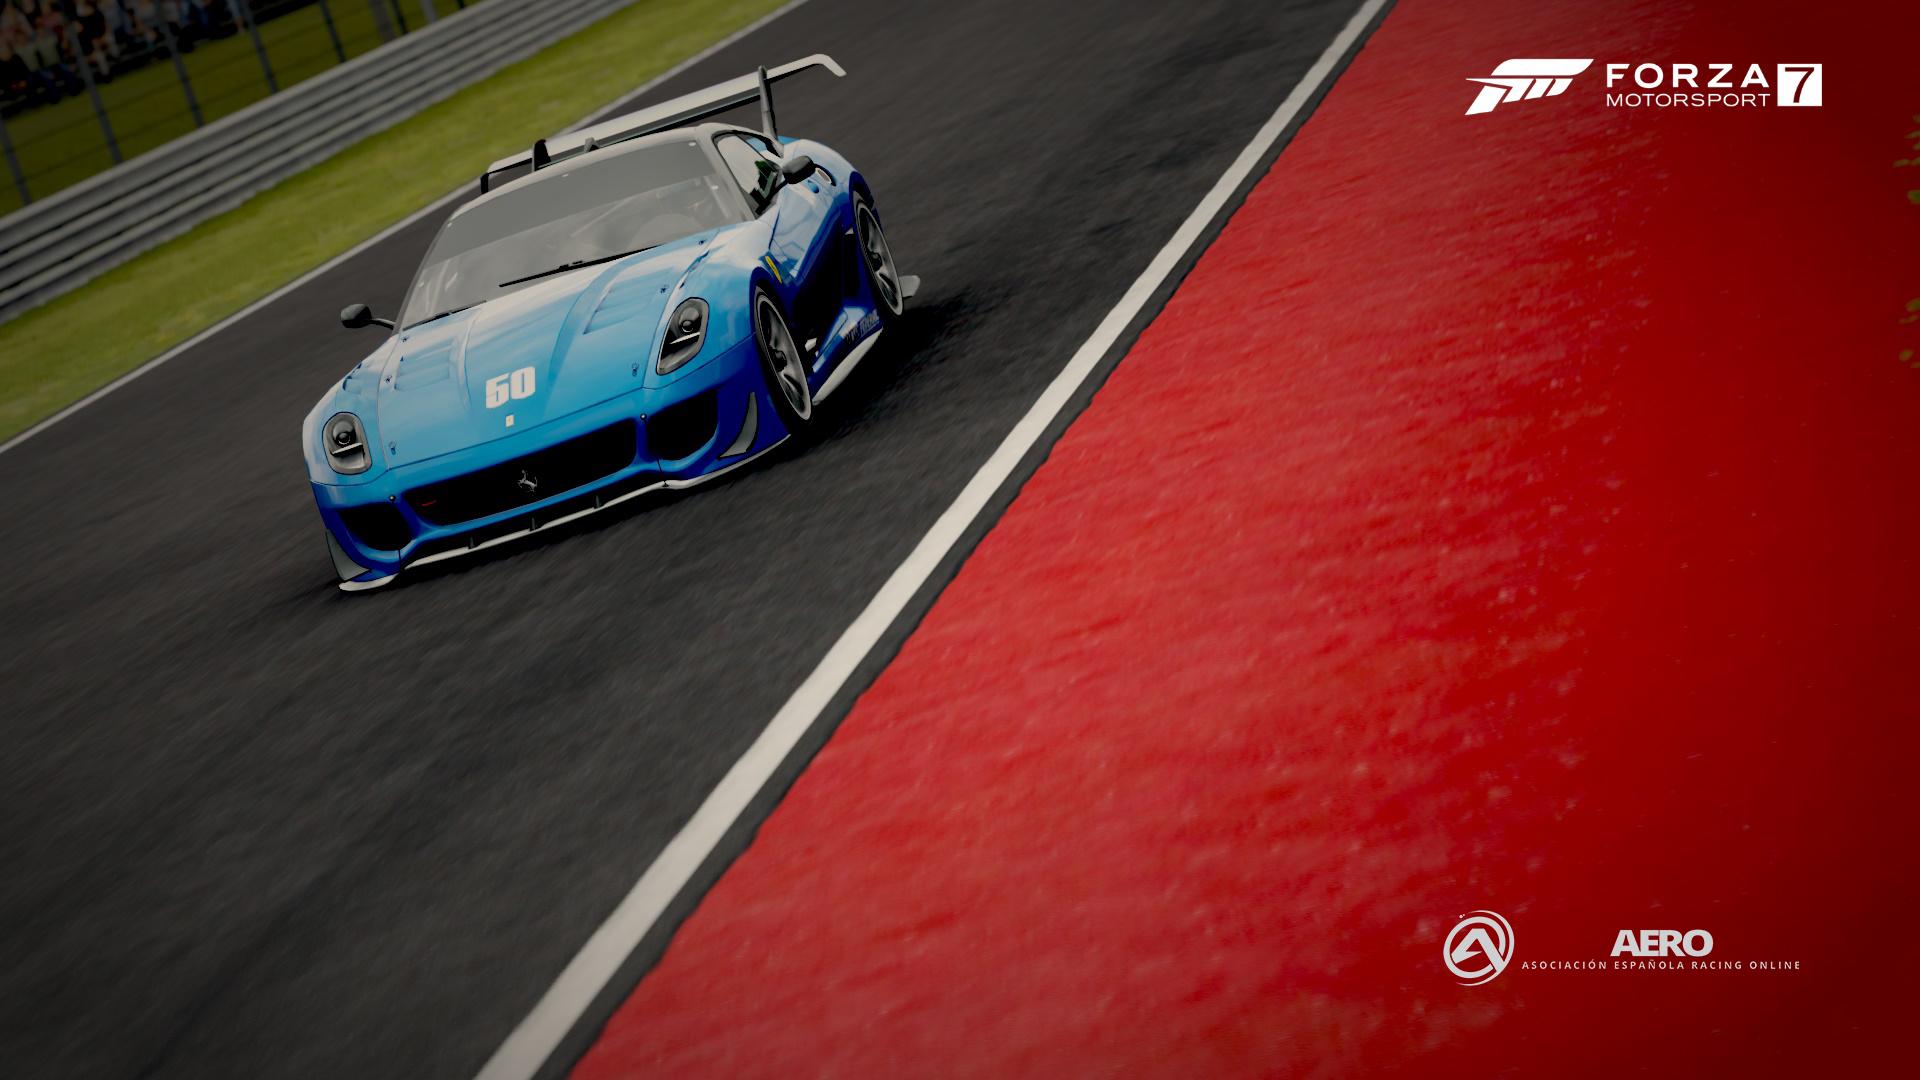 Las primeras noticias sobre el próximo Forza Motorsport serán el 7 de mayo